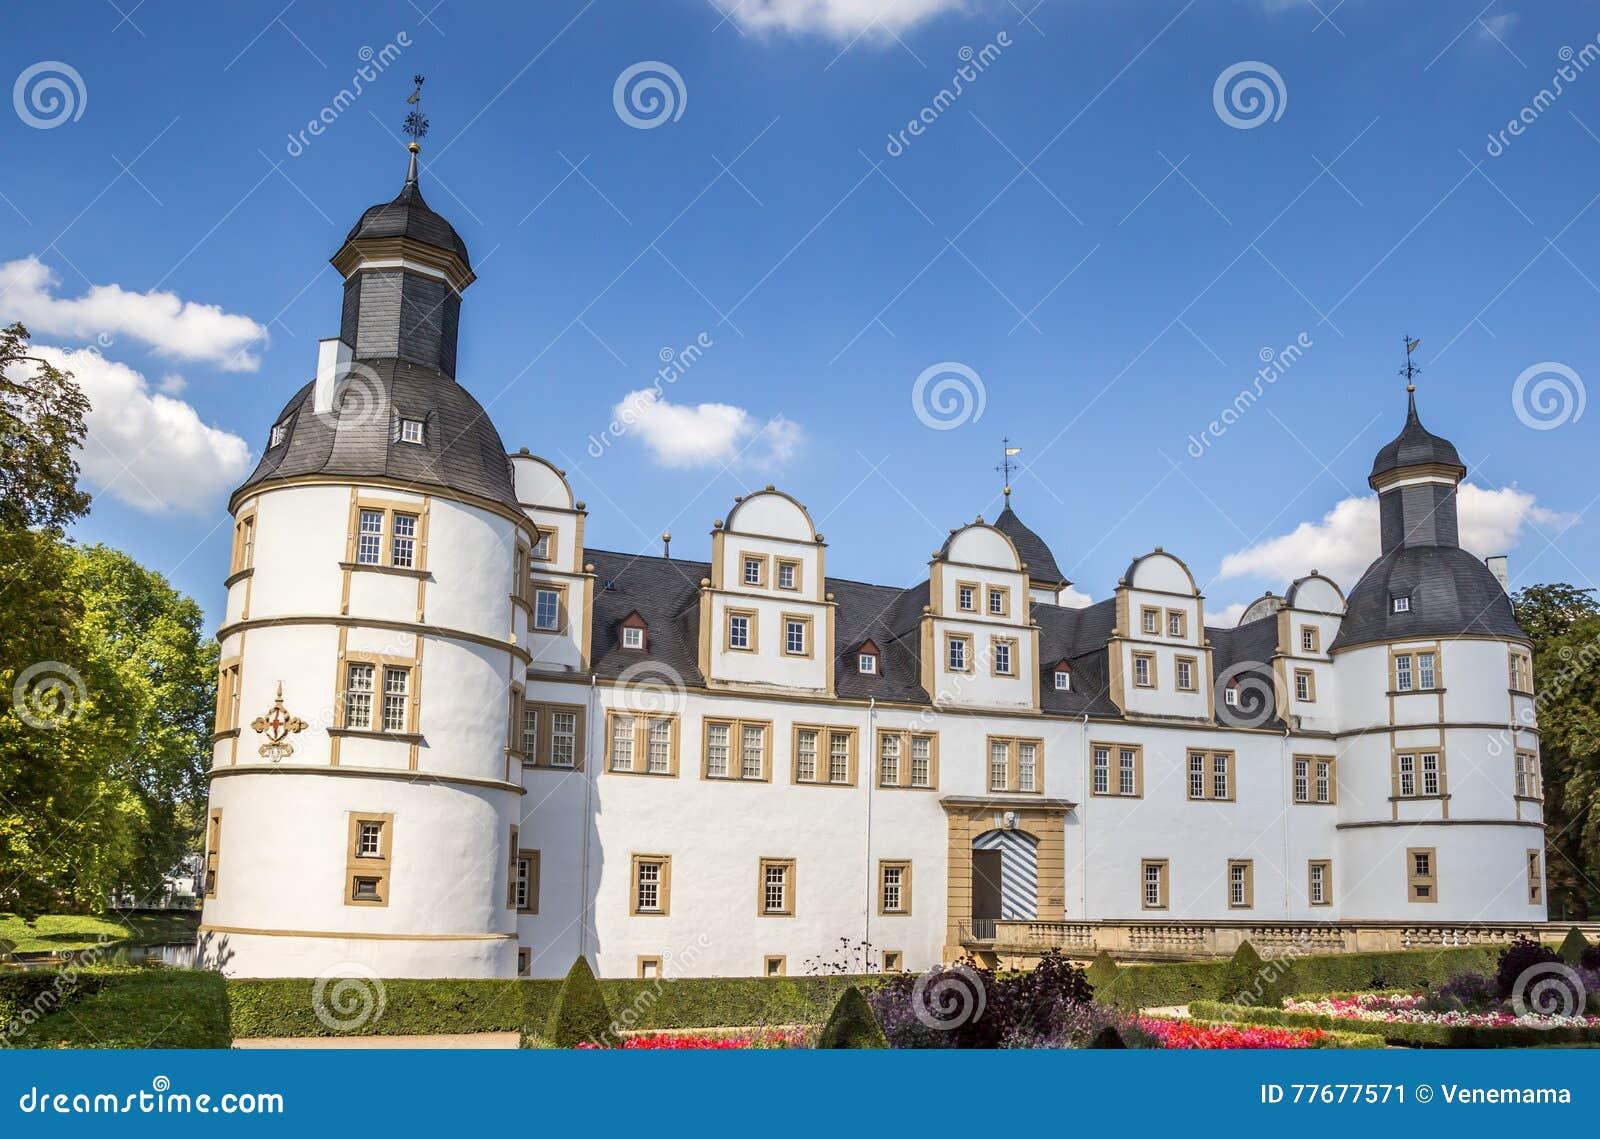 Frente del castillo barroco Neuhaus en Paderborn